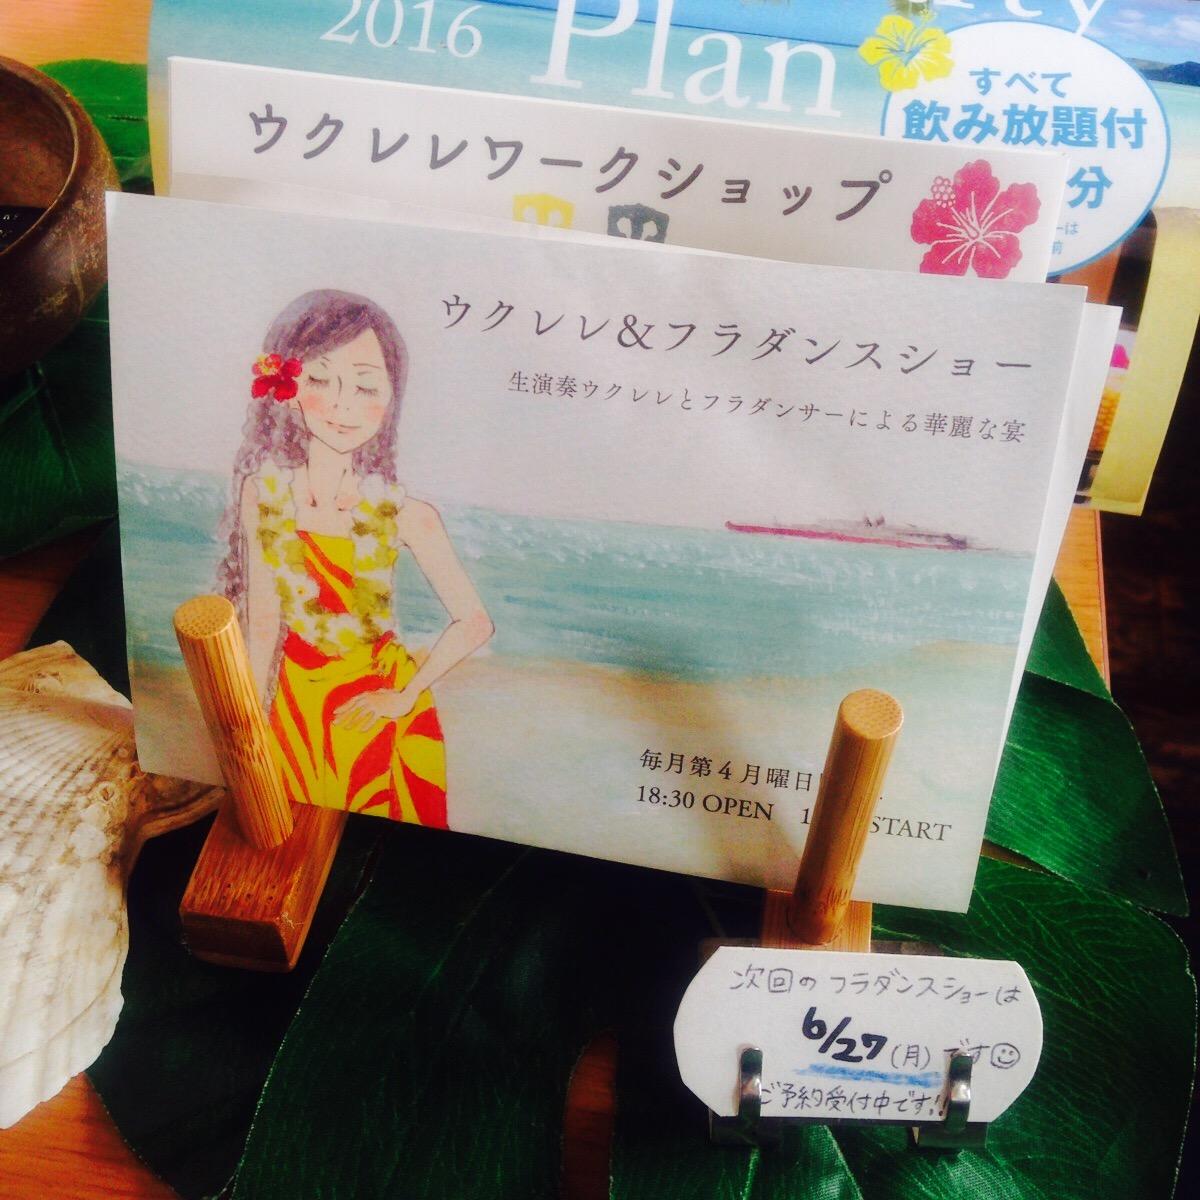 ハワイにいるかのようなゆったりとした気分でくつろげる『アロハカフェ カウカウ』(千葉県鎌ケ谷市)